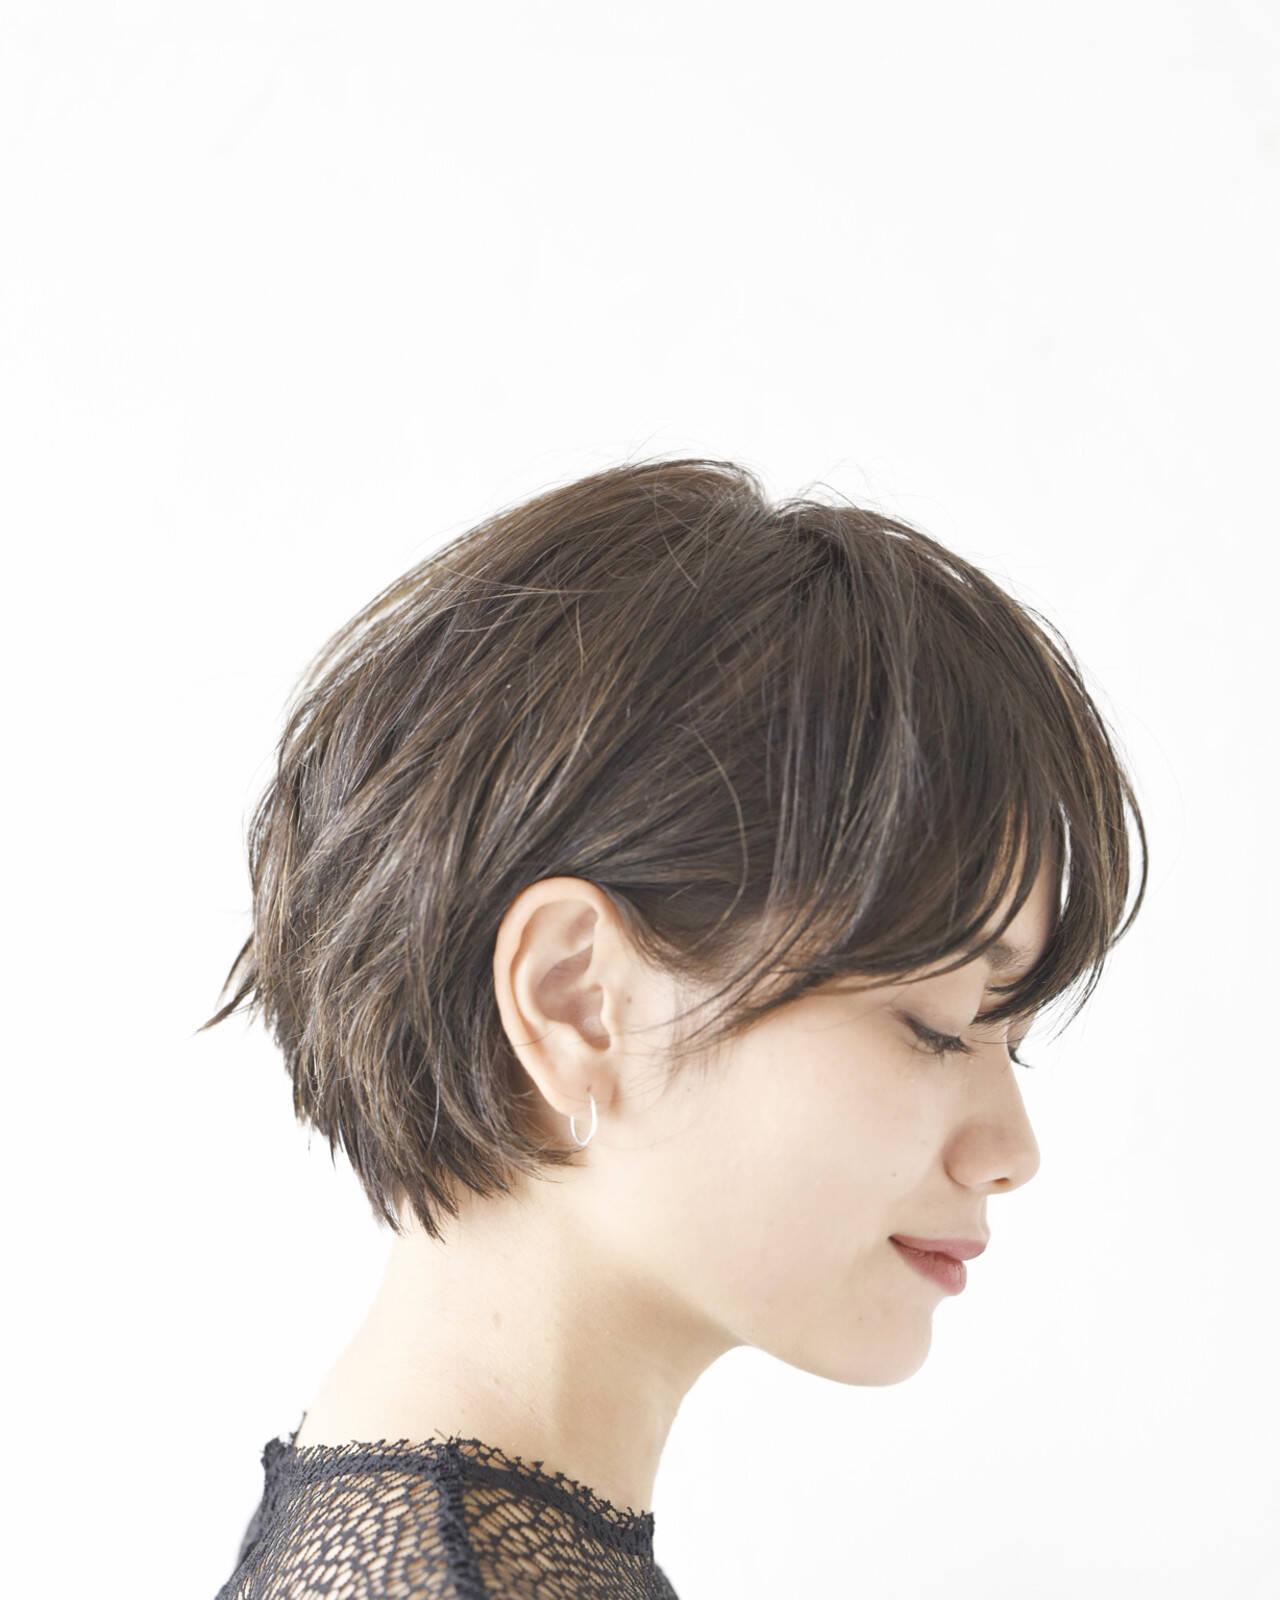 ショートボブ 黒髪 ショート コンサバヘアスタイルや髪型の写真・画像